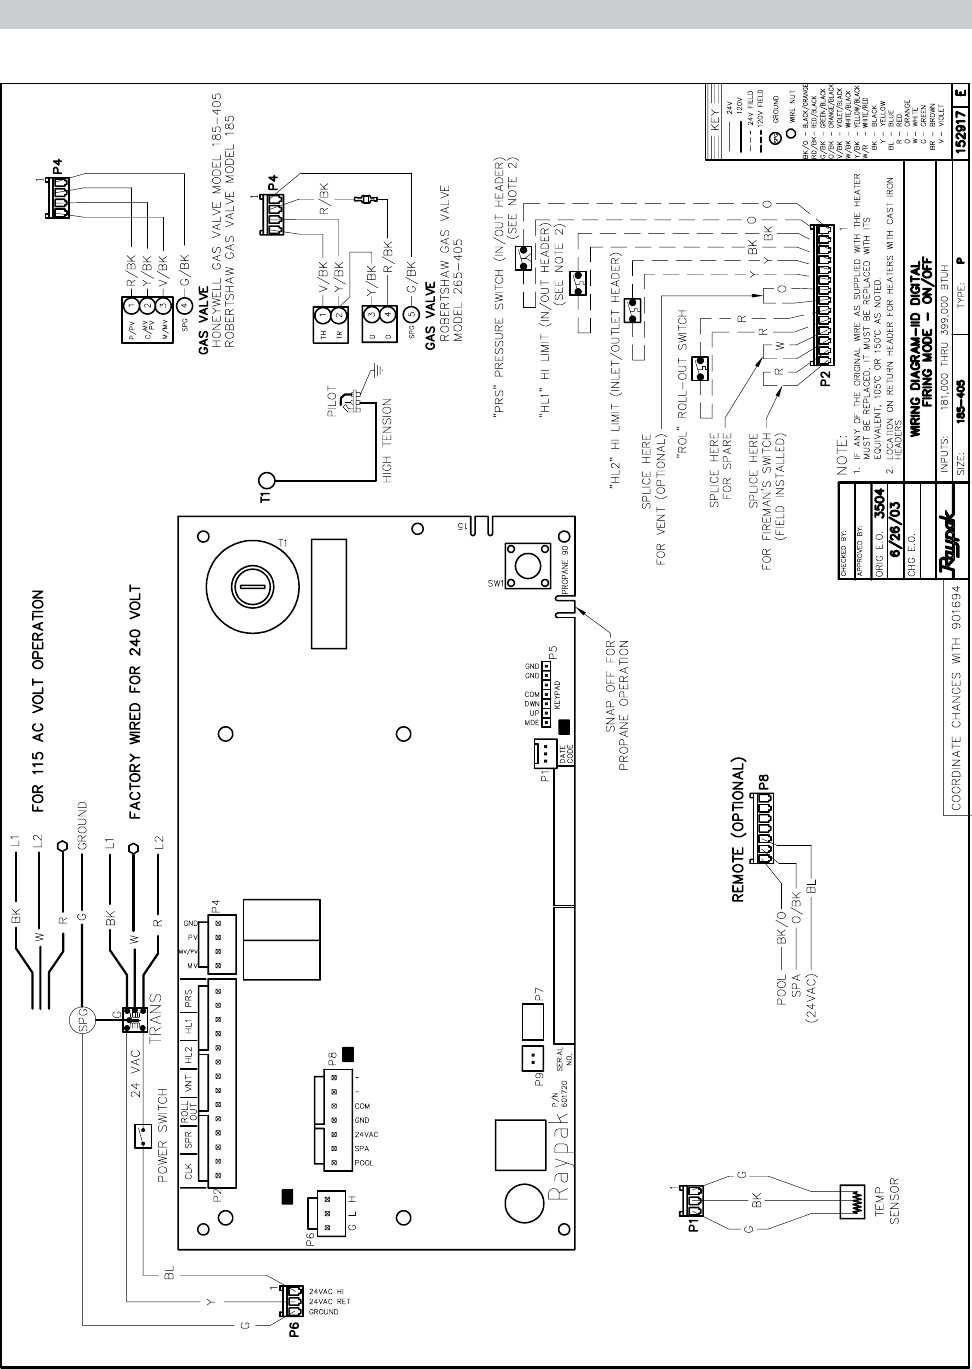 Raypak P R185b To R405b C R185bl R405bl Rp2100 Users Manual 600052 Versa Wiring Diagram Iid Units Atmospheric